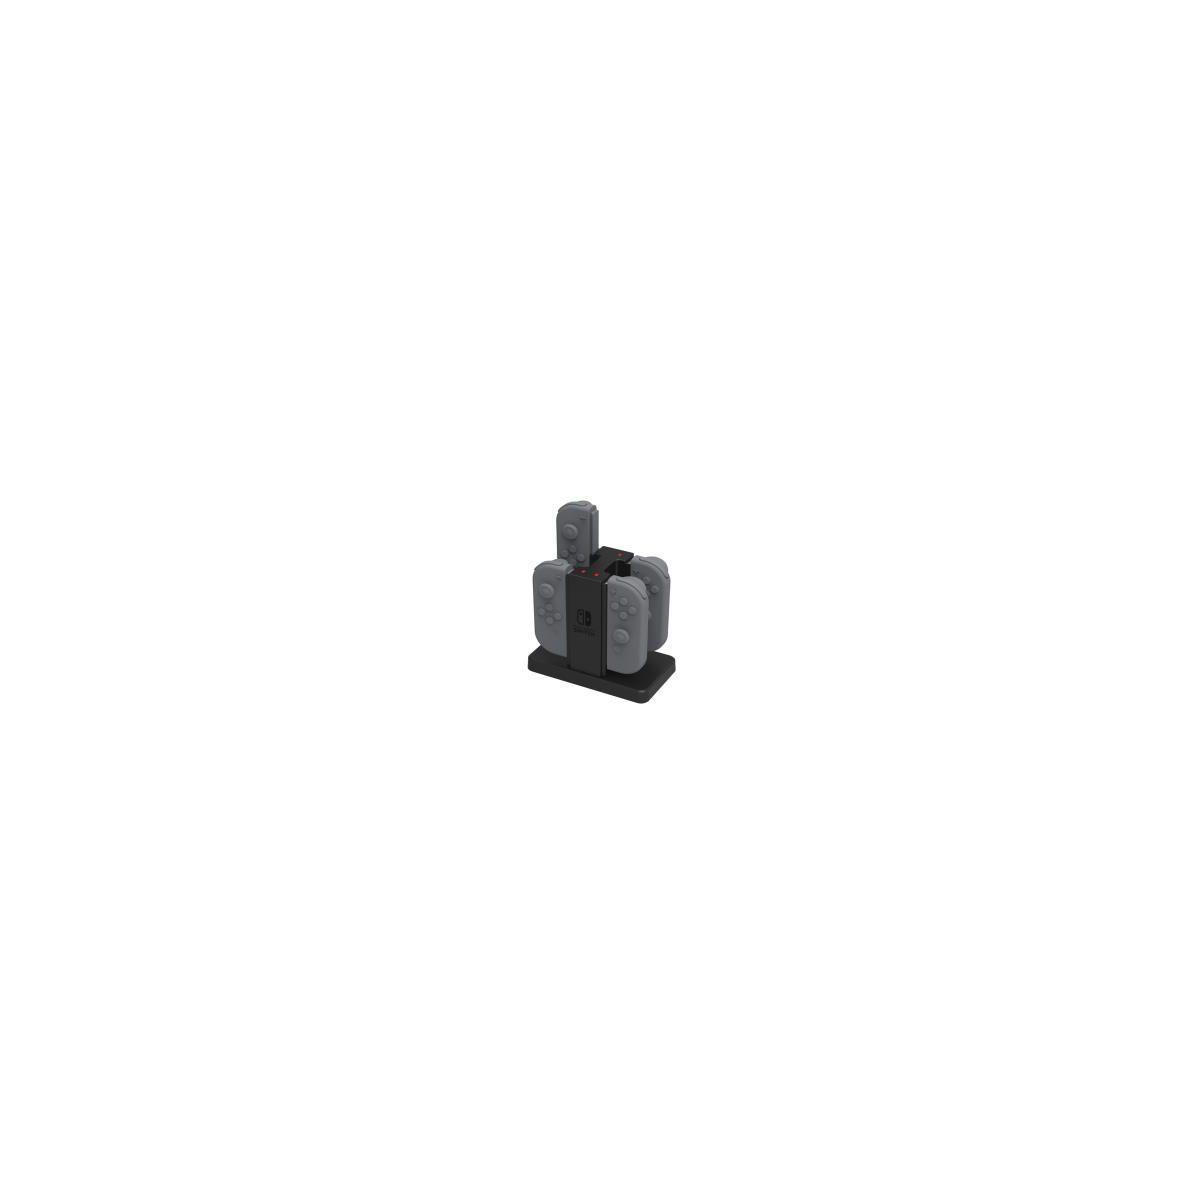 Acc. hori multi cargeur joy-con console - 7% de remise immédiate avec le code : cool7 (photo)